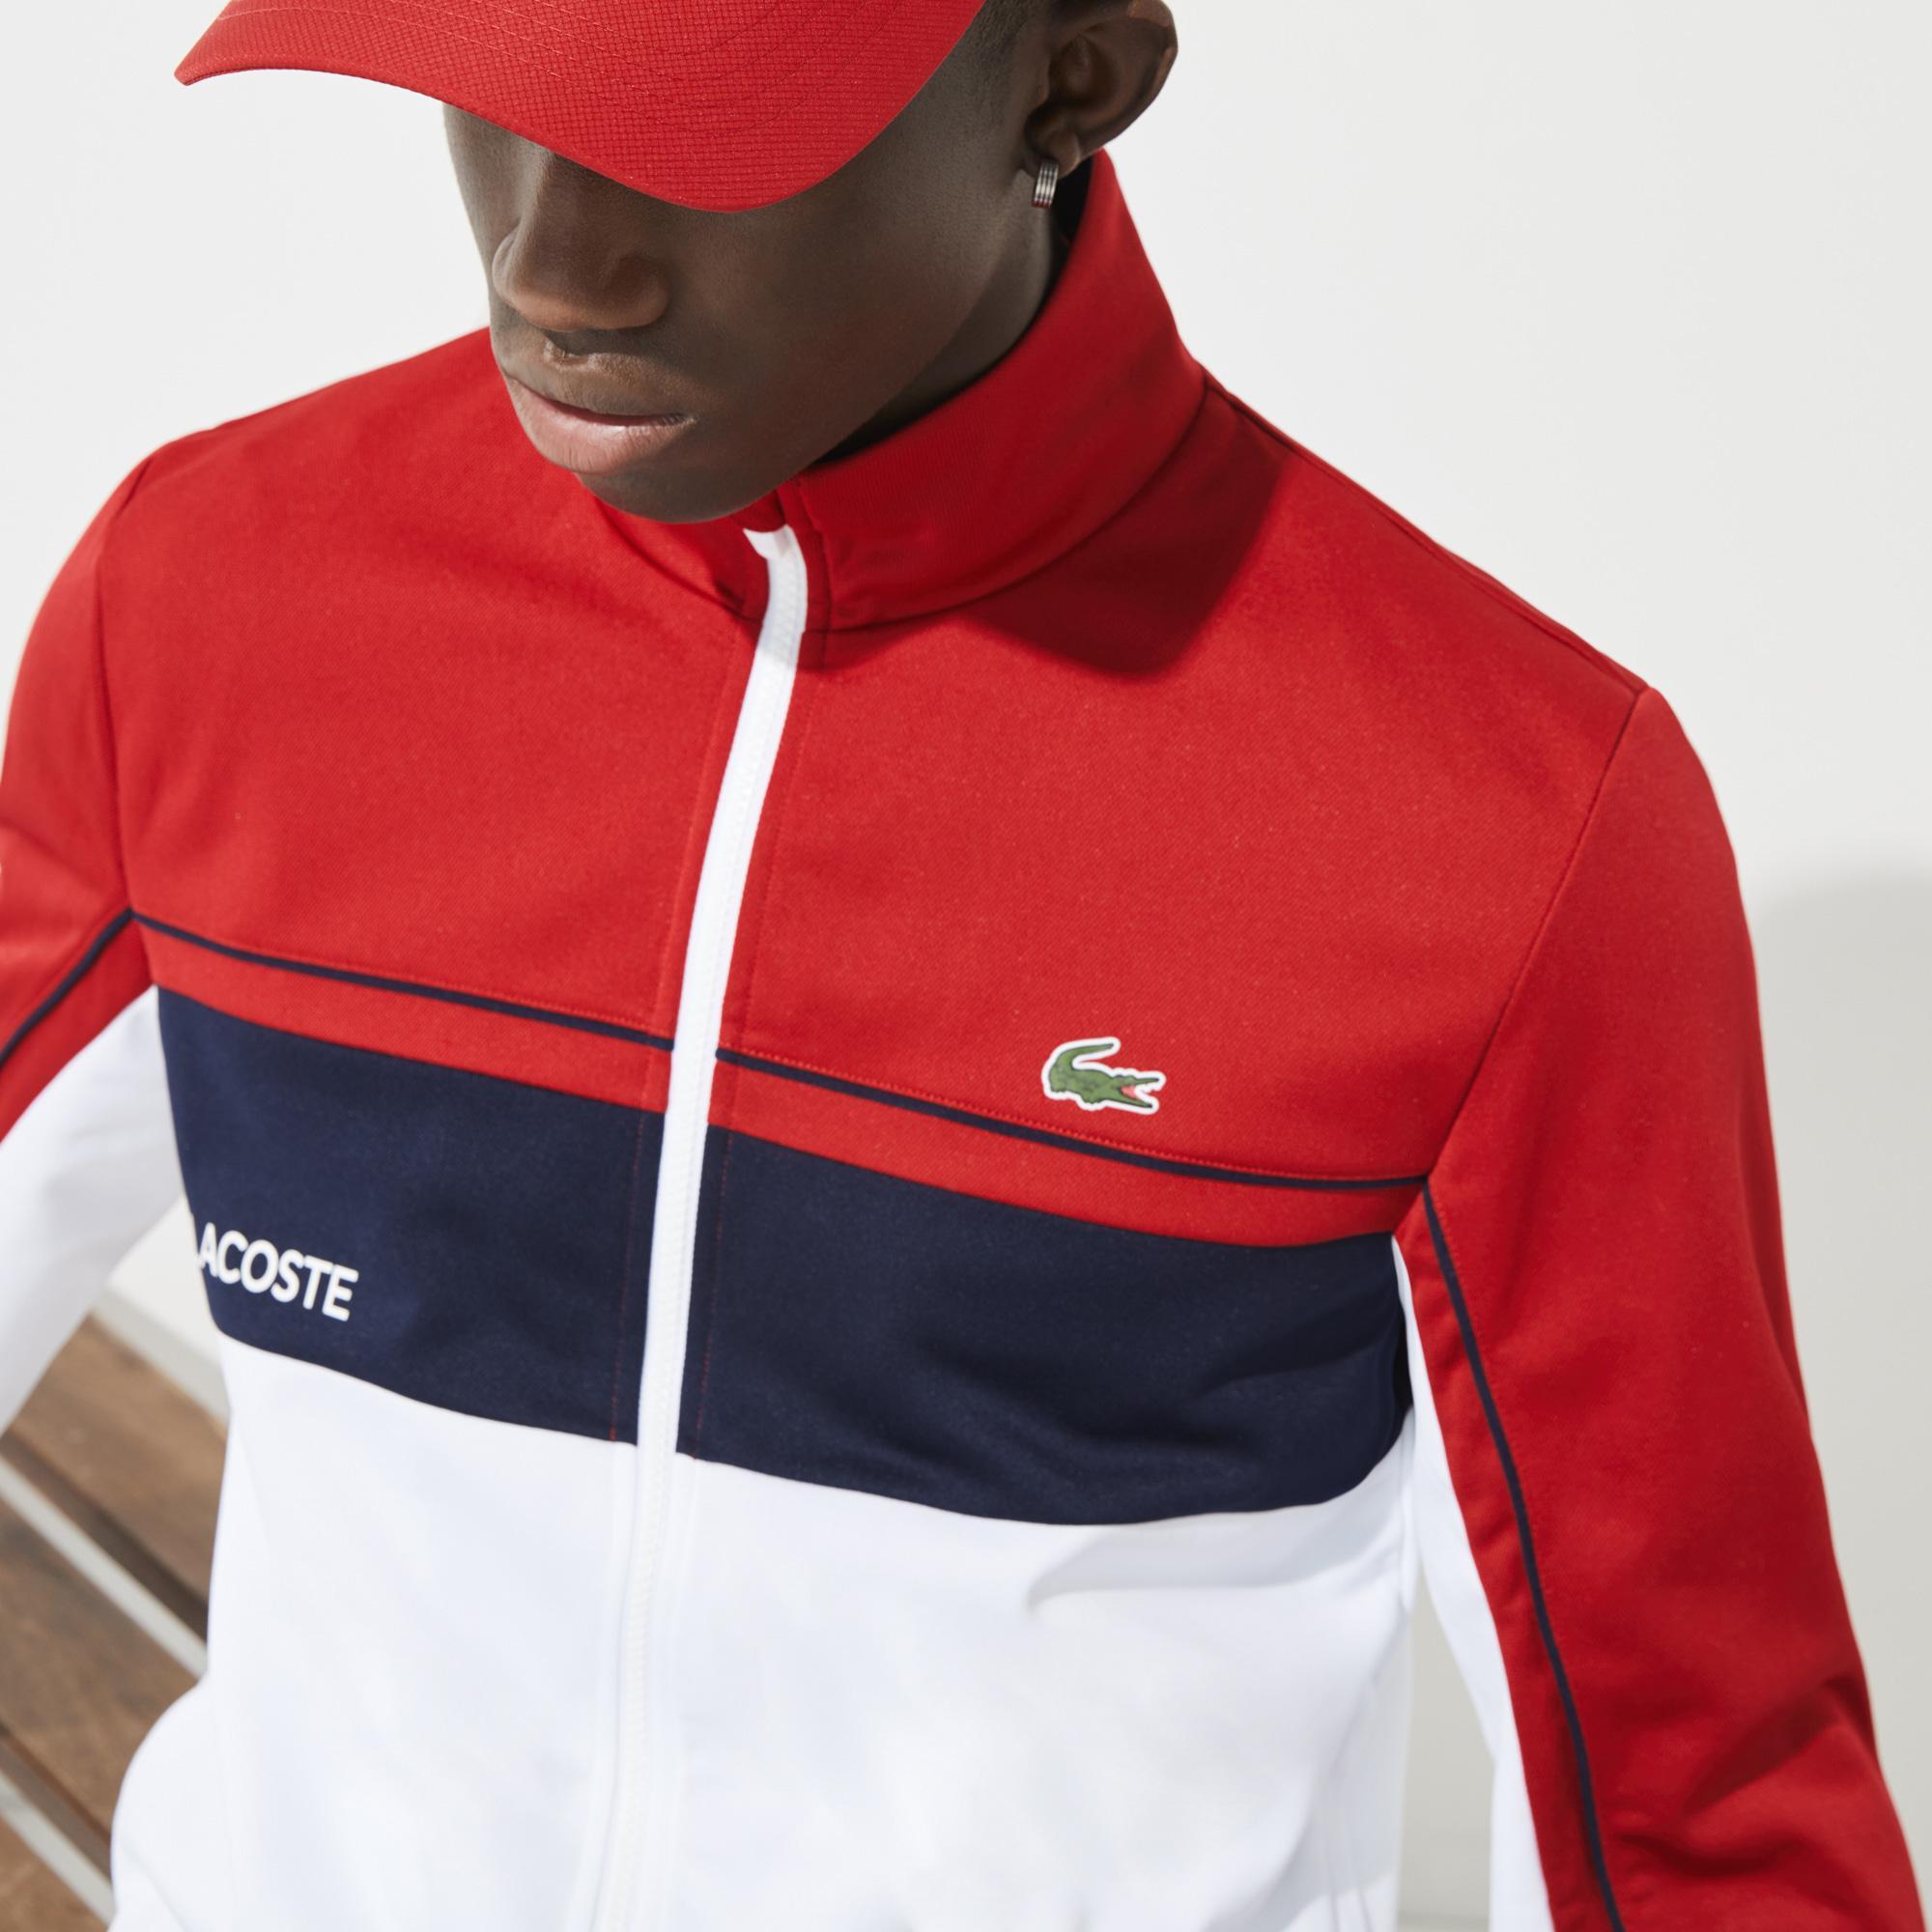 Lacoste Sport Erkek Fermuarlı Renk Bloklu Renkli Sweatshirt